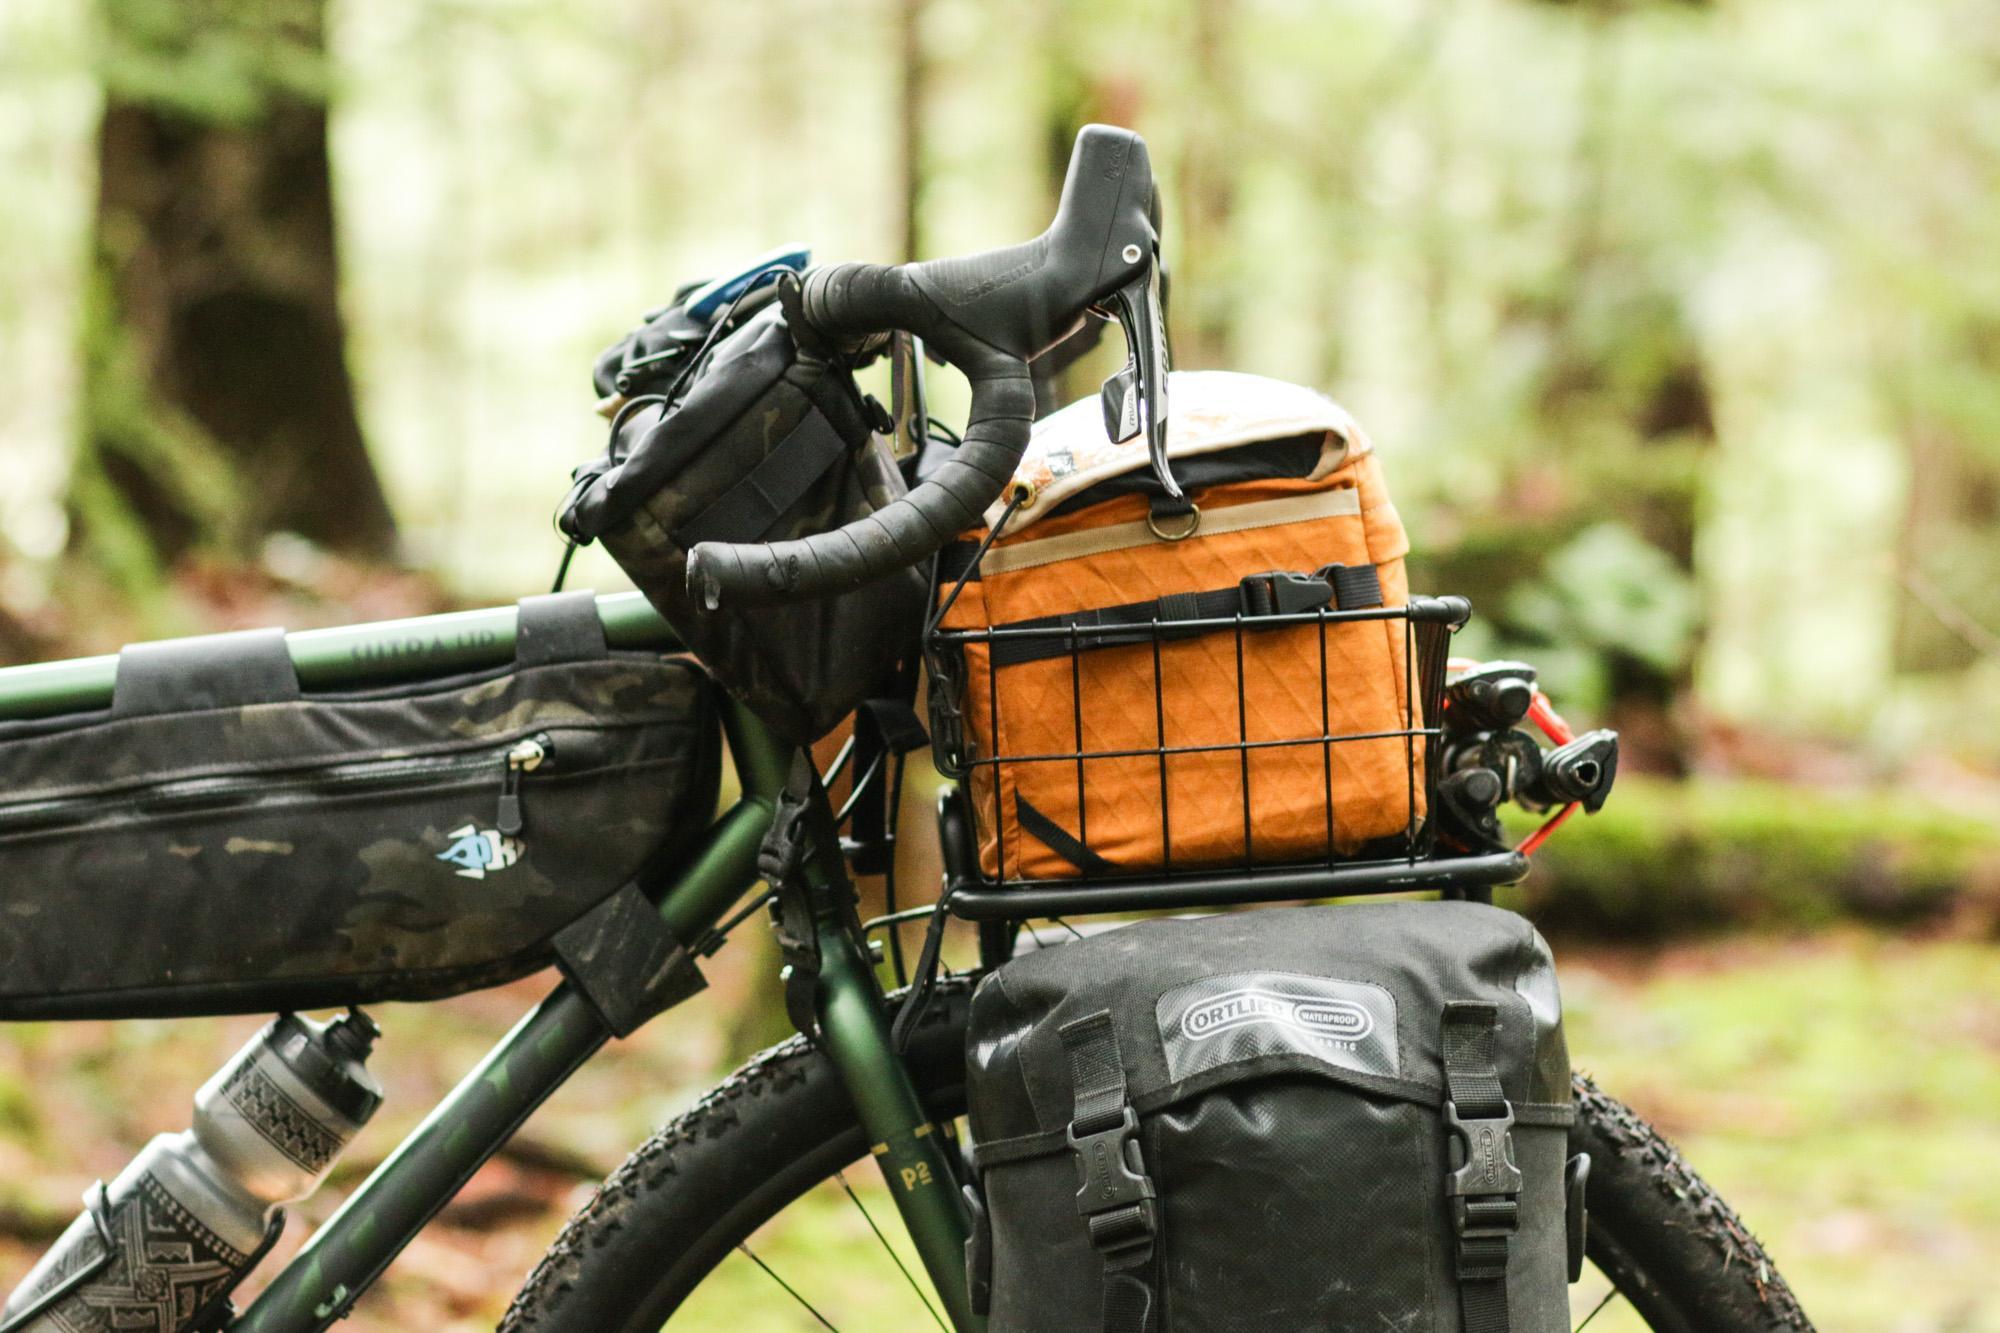 Equipping An Amateur Bikepacker And Professional Filmmaker